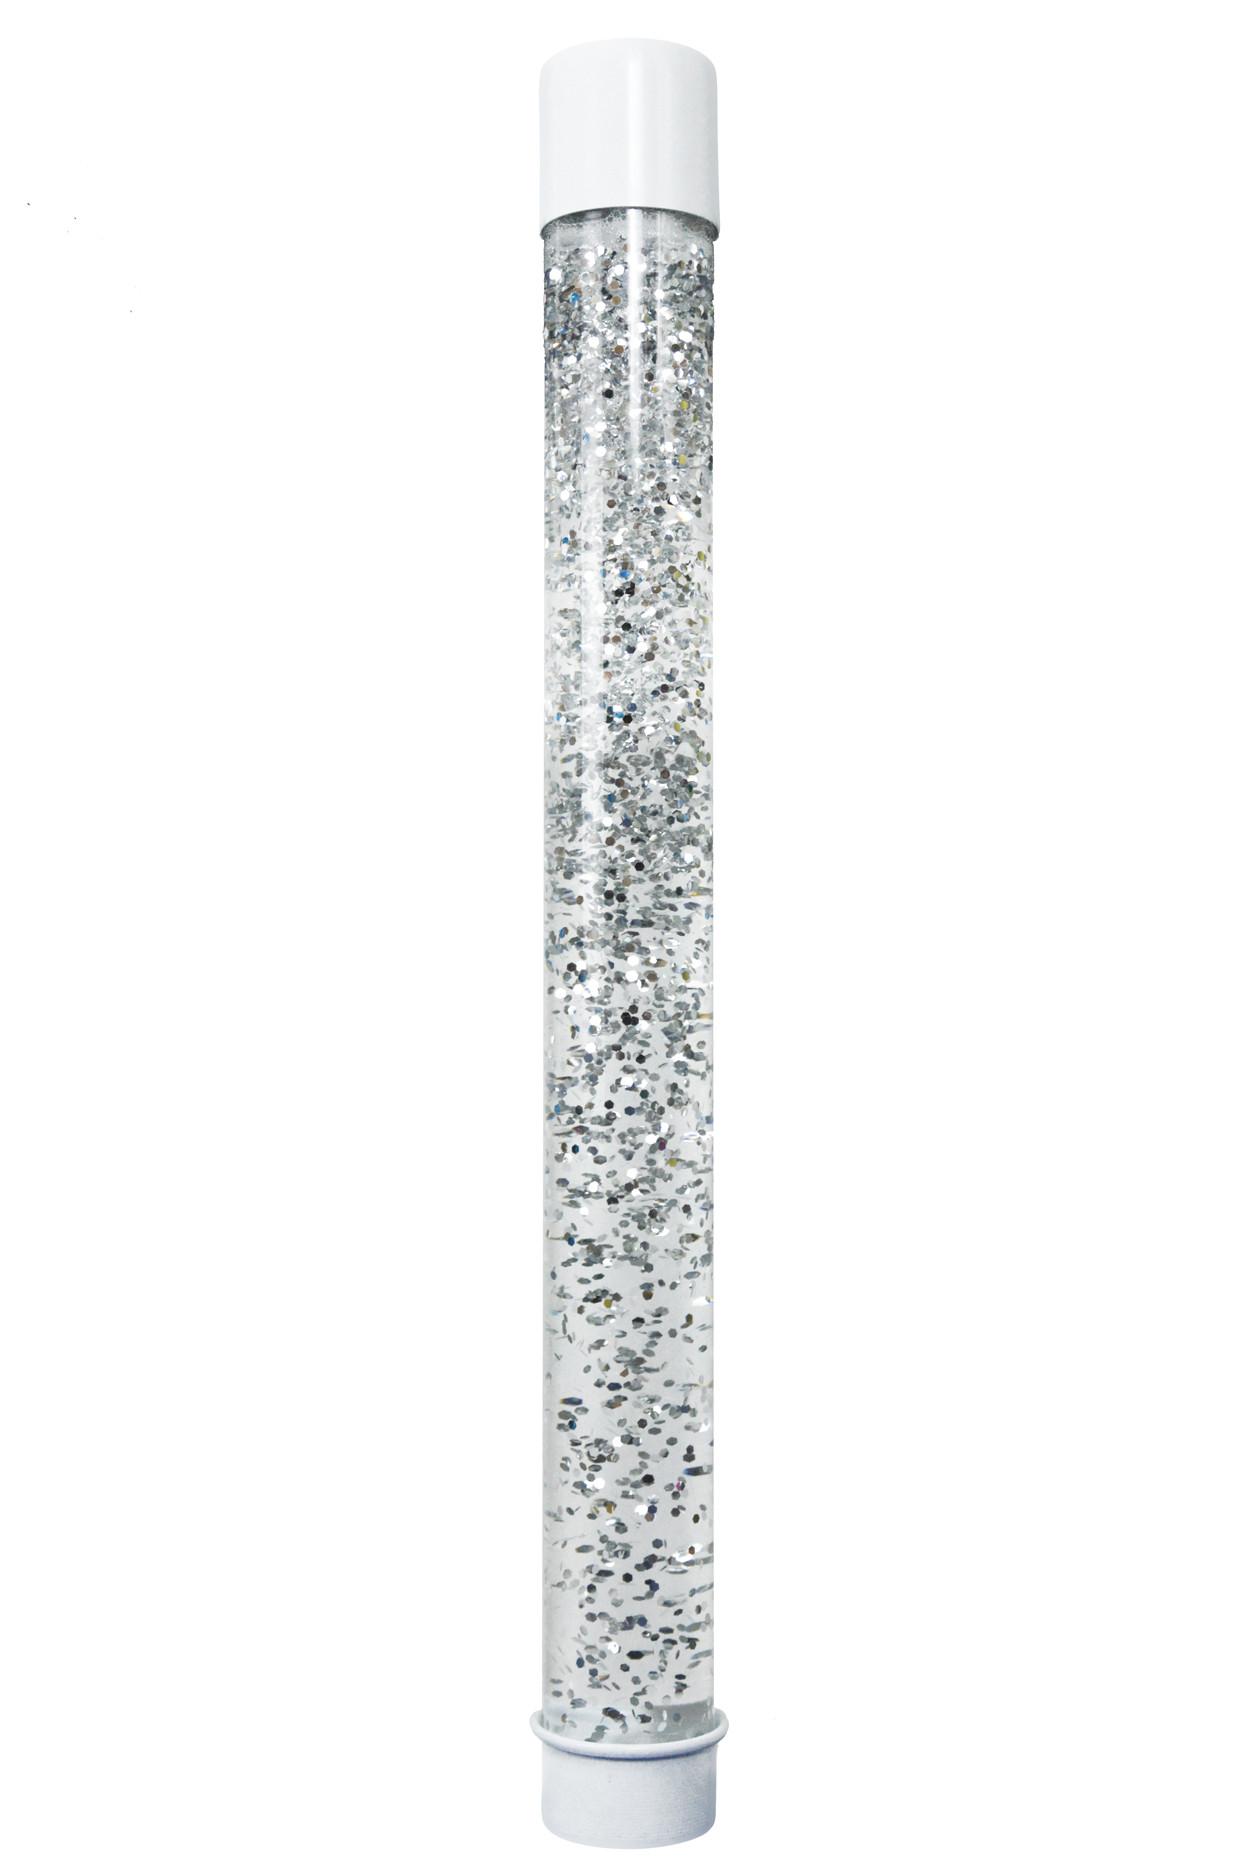 Колба для лава-лампы 76 см сияние (60*6 см)